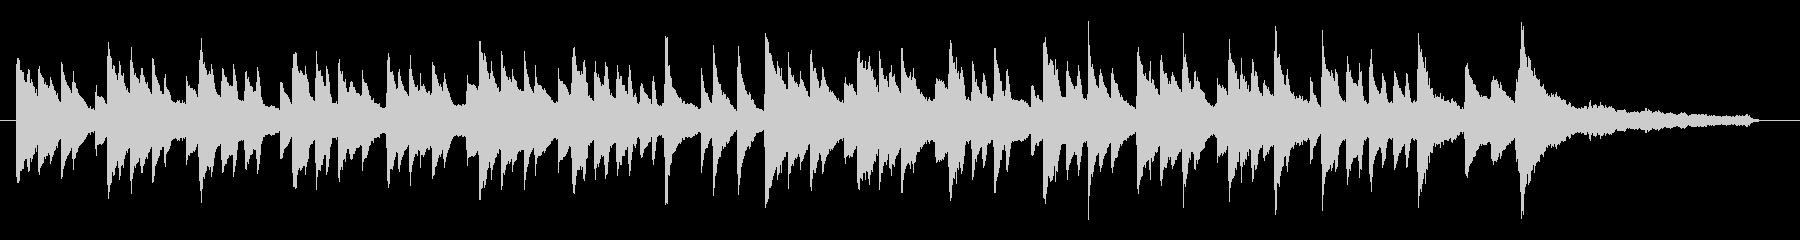 場面展開にも使える切ないピアノ曲の未再生の波形